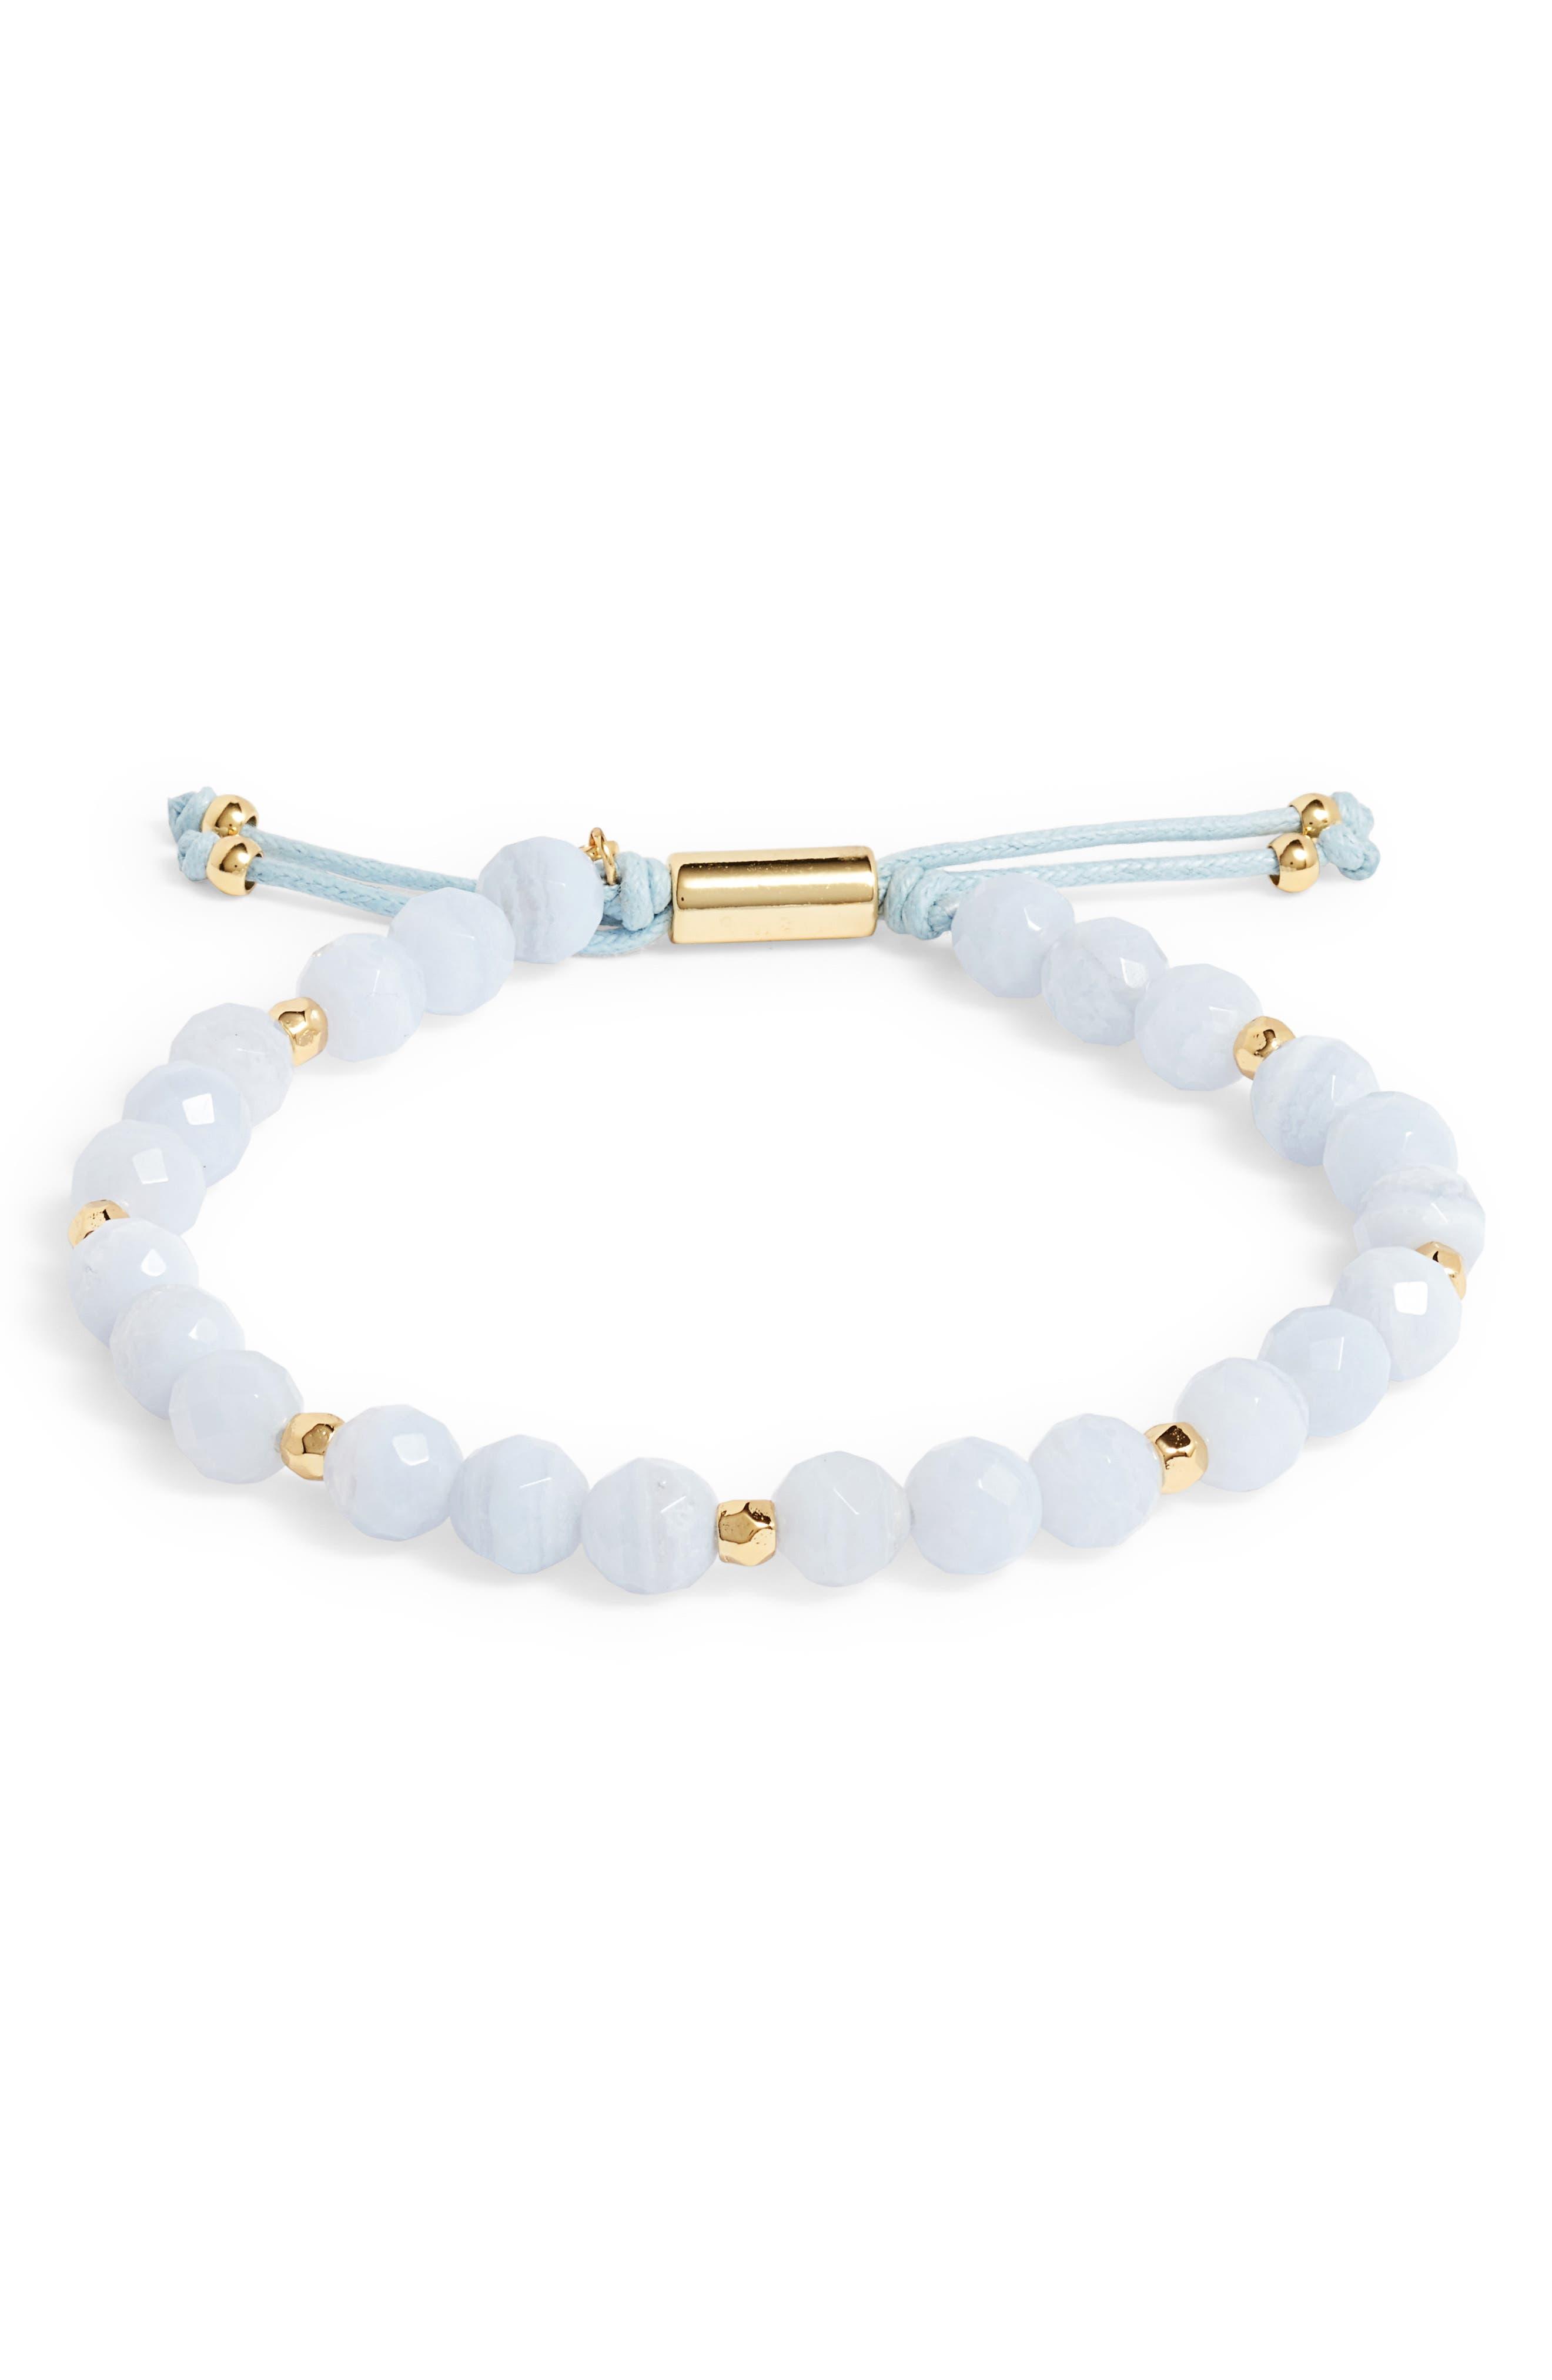 Power Gemstone Beaded Bracelet,                             Main thumbnail 1, color,                             400